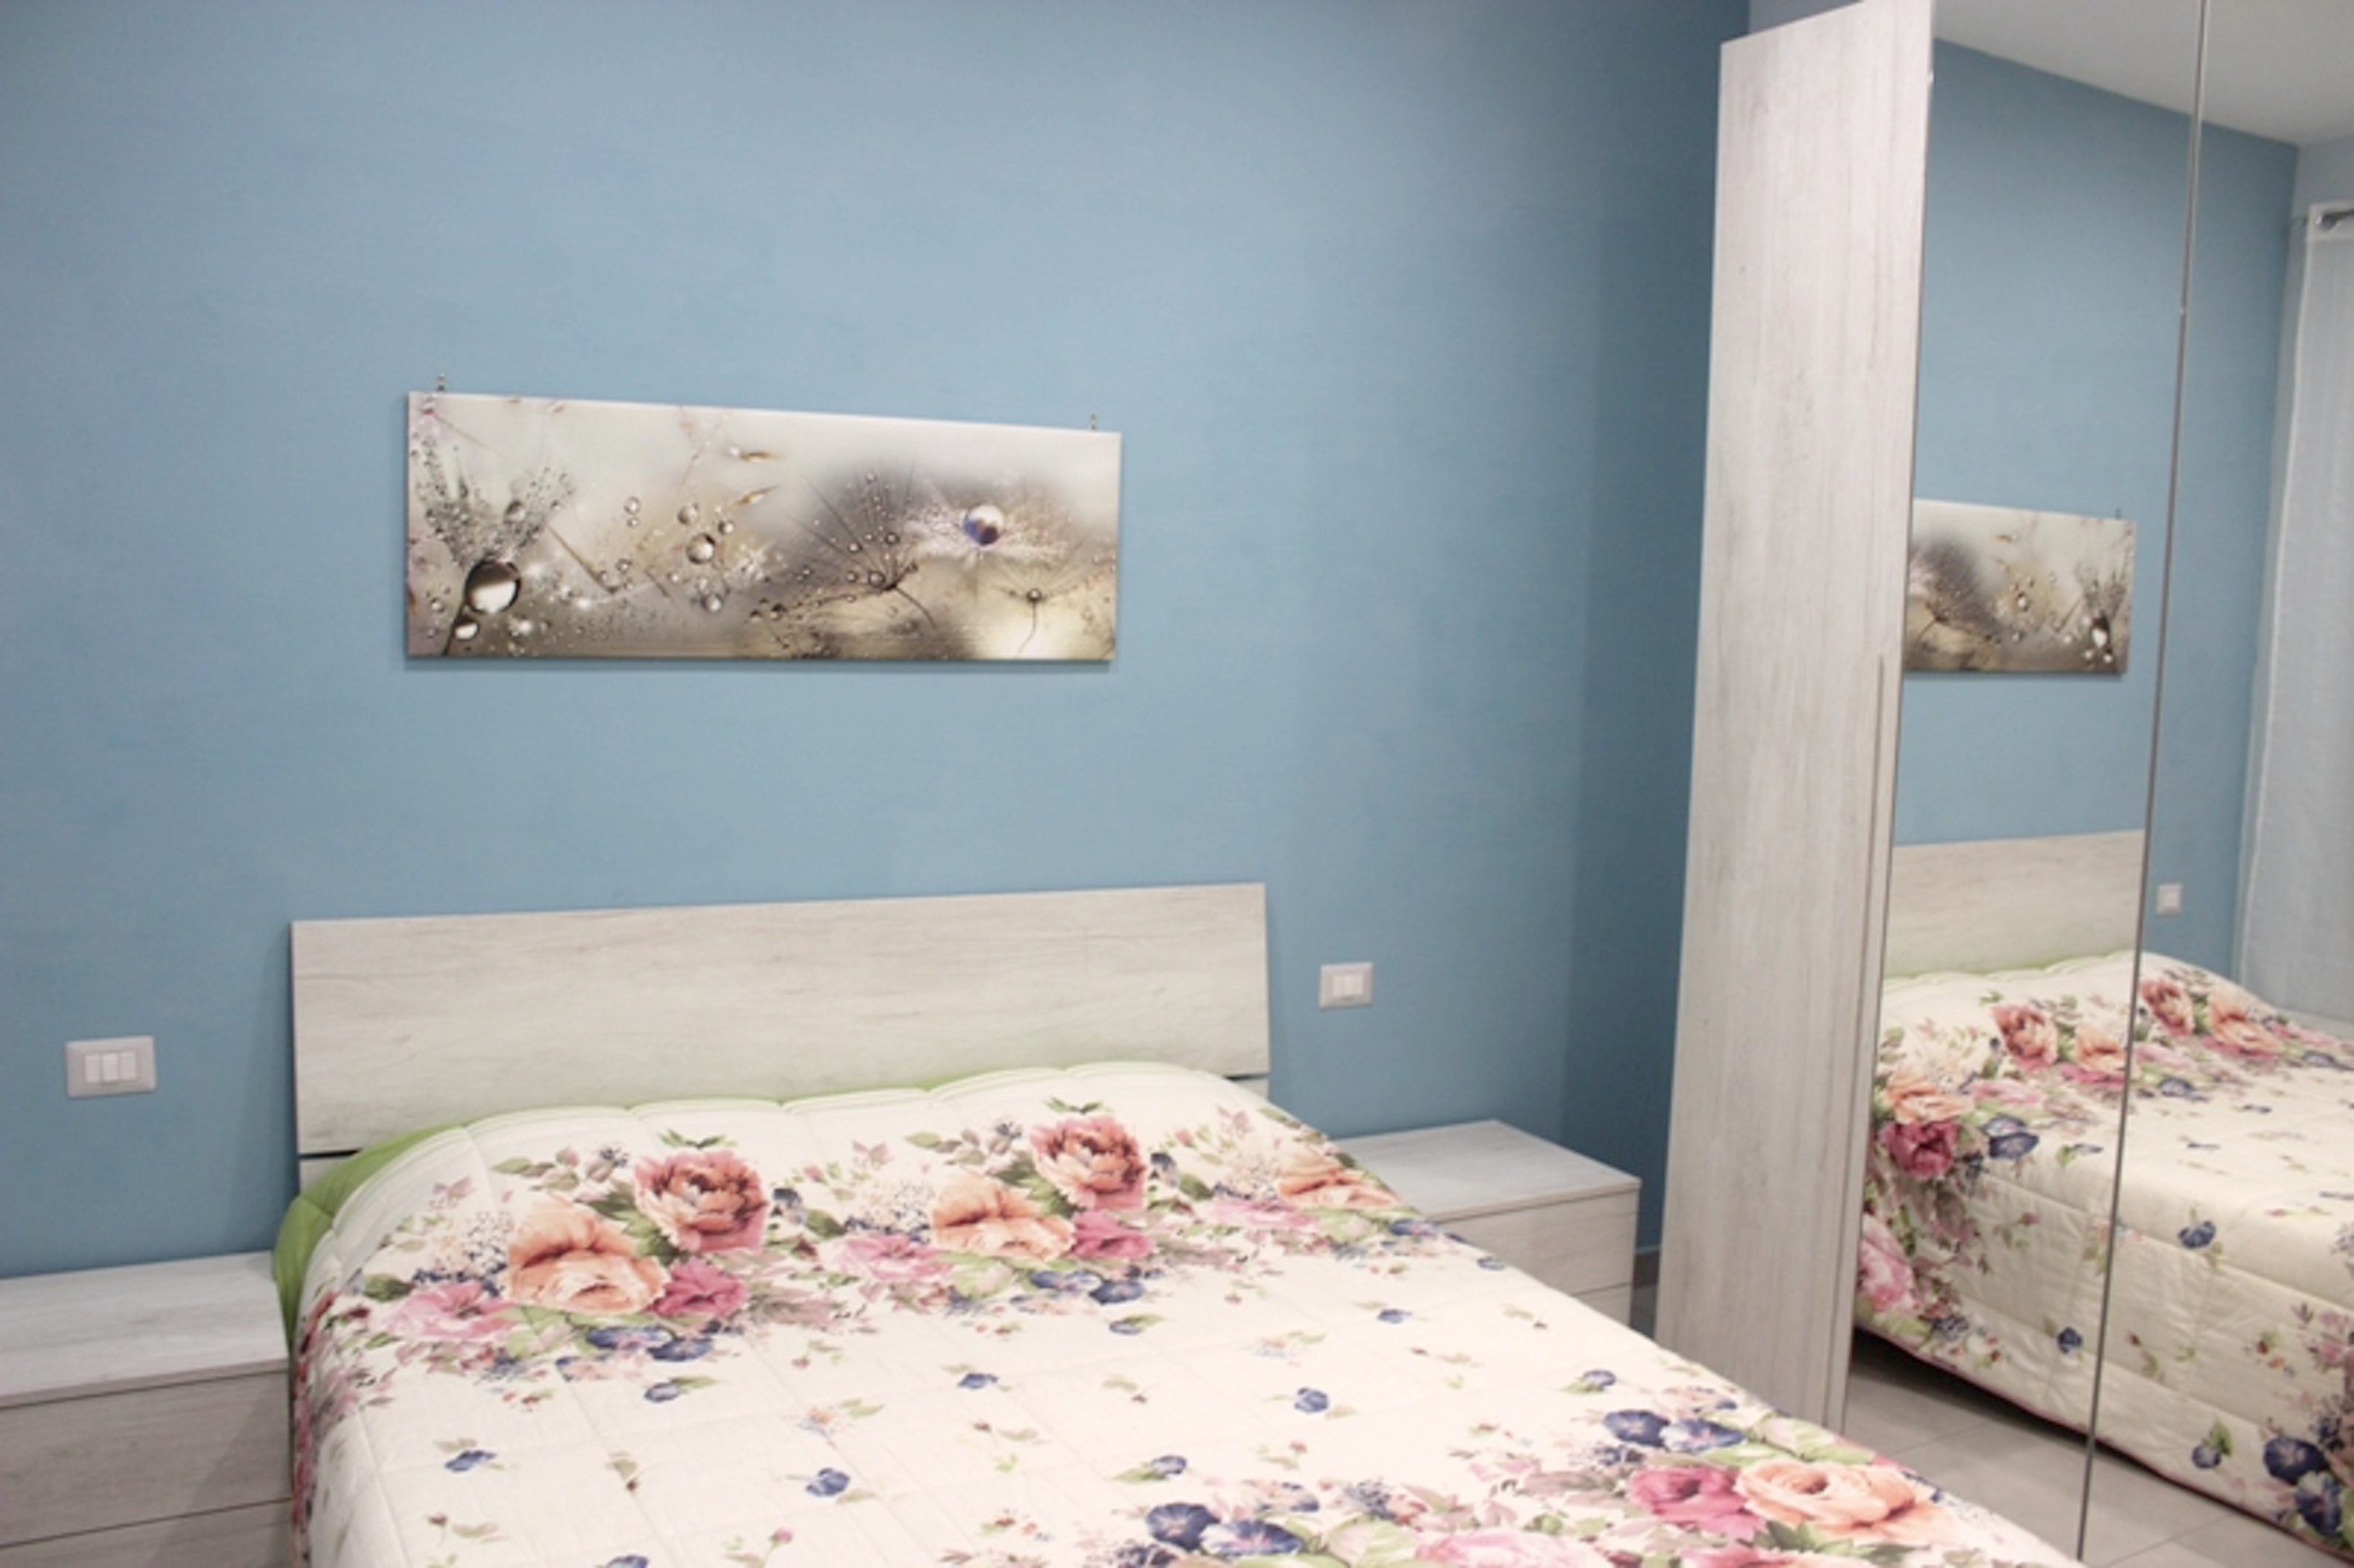 Ferienwohnung Wohnung mit einem Schlafzimmer in Sant'Agnello mit schöner Aussicht auf die Stadt, möblier (2791793), Sant'Agnello, Amalfiküste, Kampanien, Italien, Bild 3